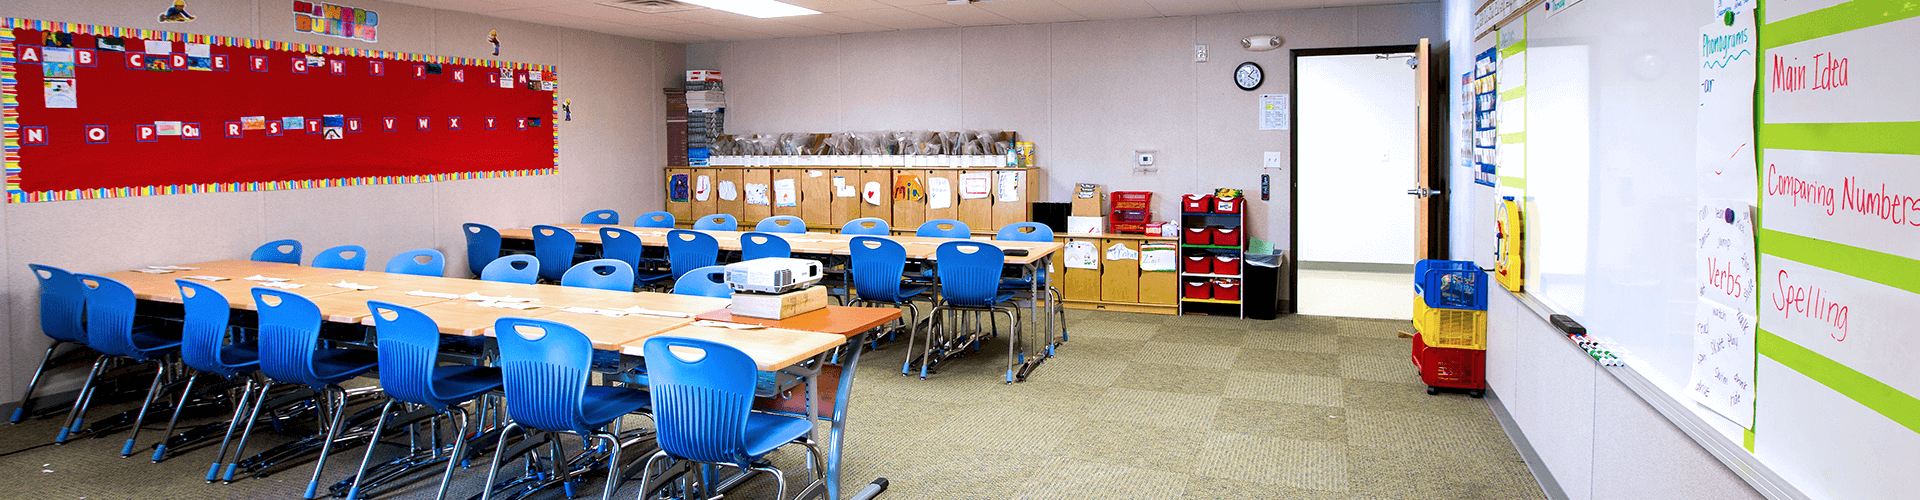 Cho thuê phòng dạy học quận Thủ Đức theo giờ